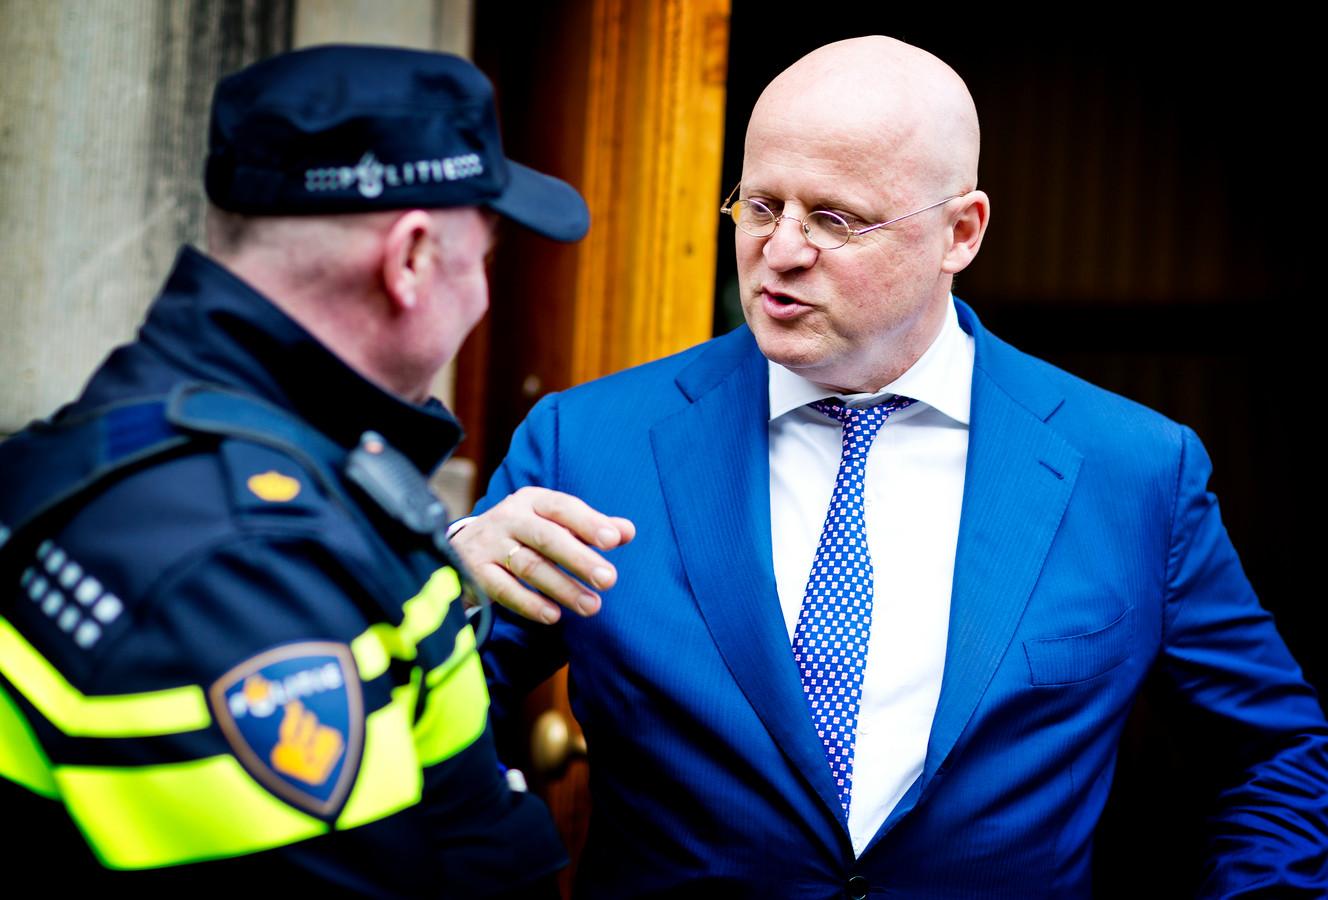 Politie Oost-Nederland Krijgt Er 7,8 Miljoen Euro Bij Voor